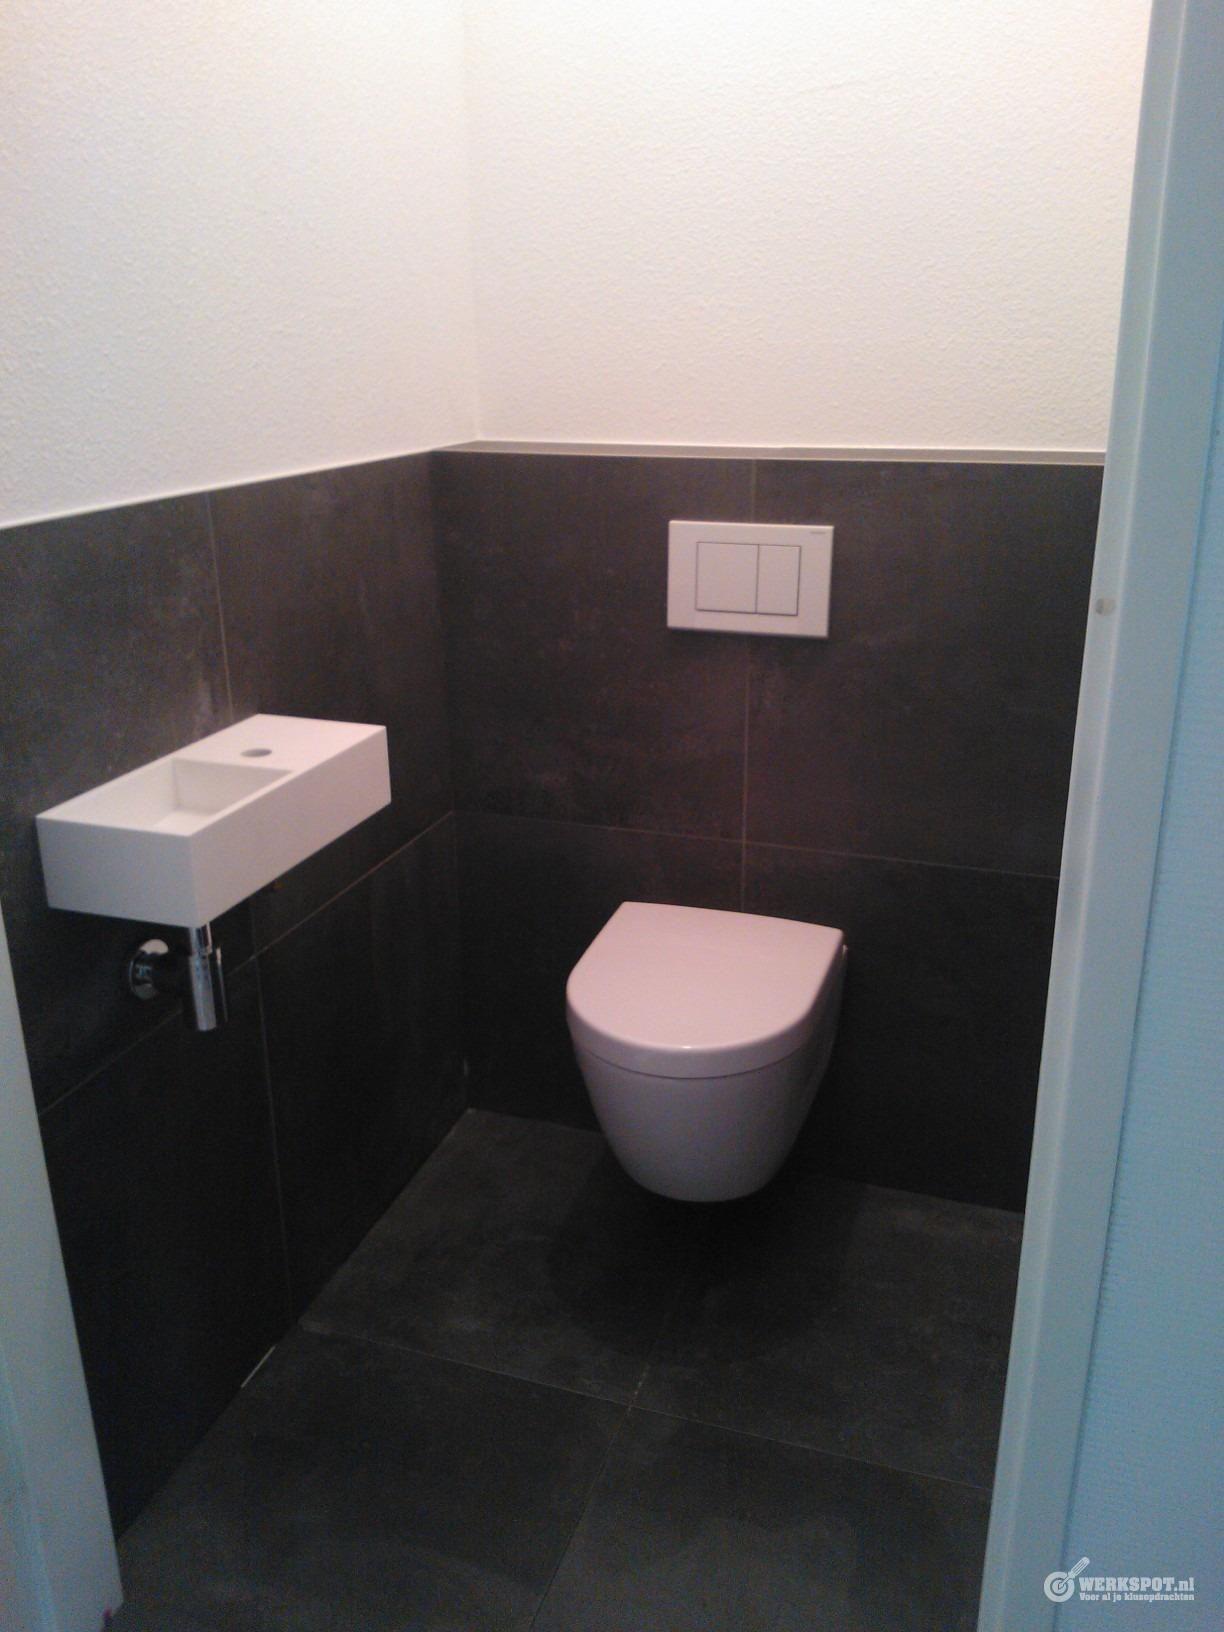 installeren van badkamer en toilet Assen - Toilet | Pinterest ...